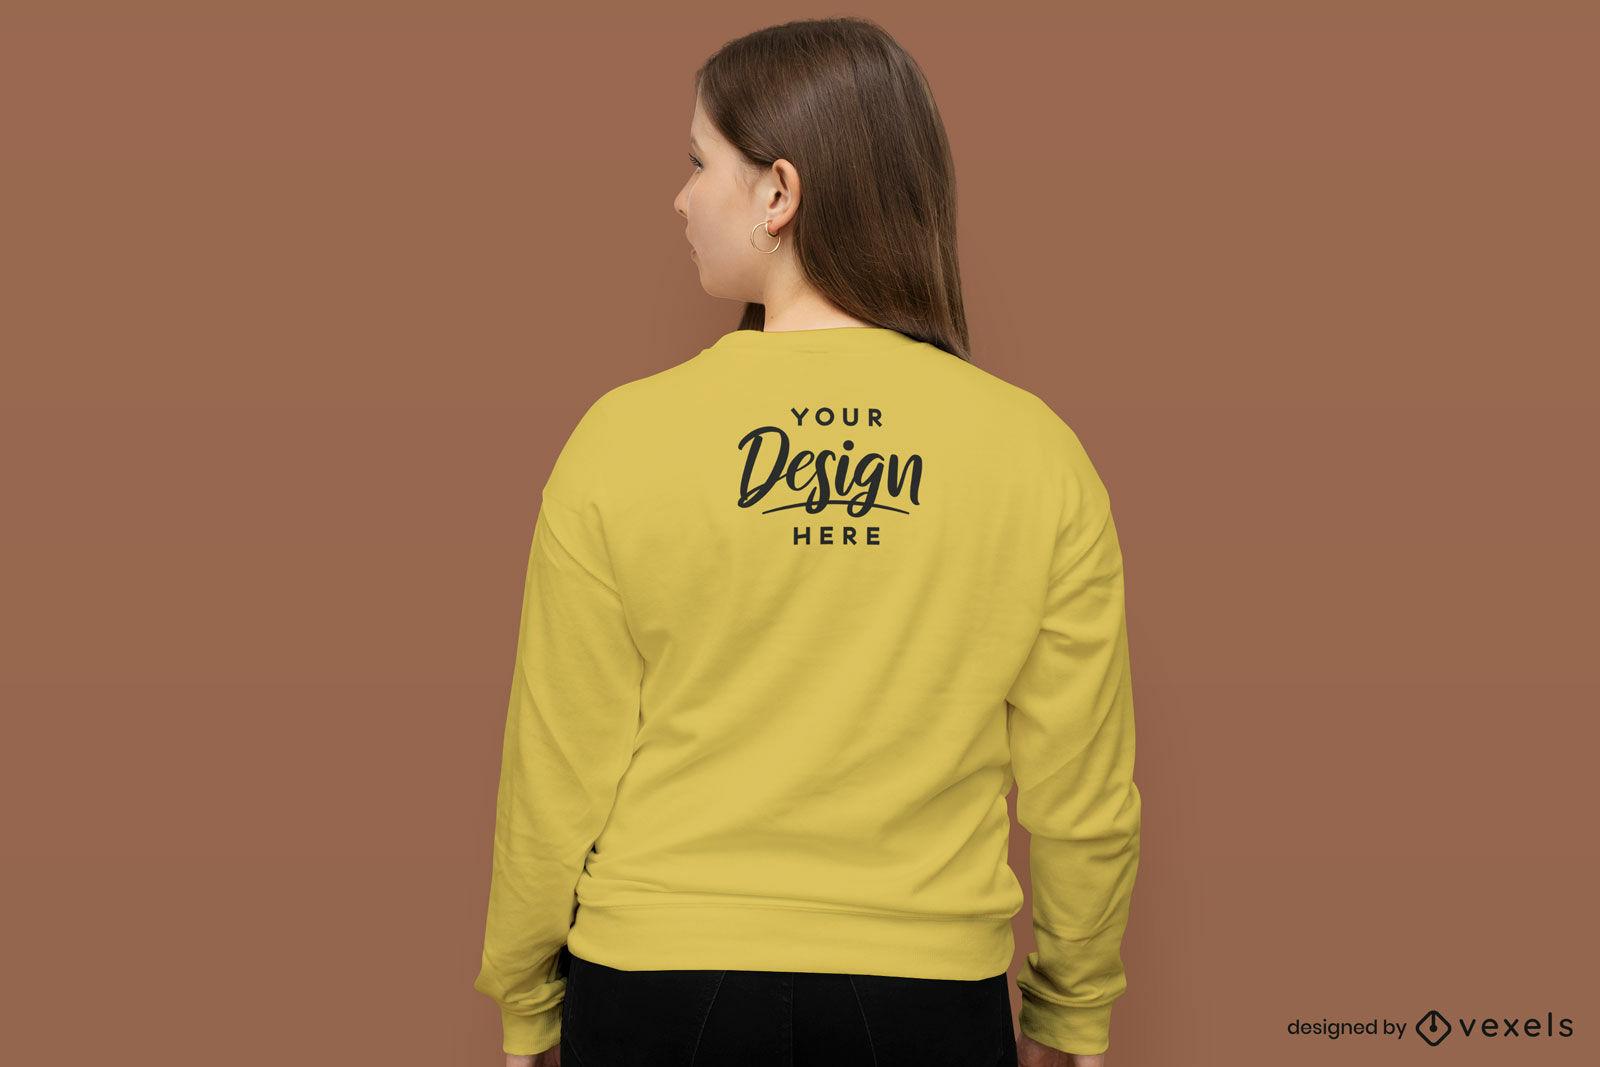 Girl in sweatshirt back yellowe background mockup